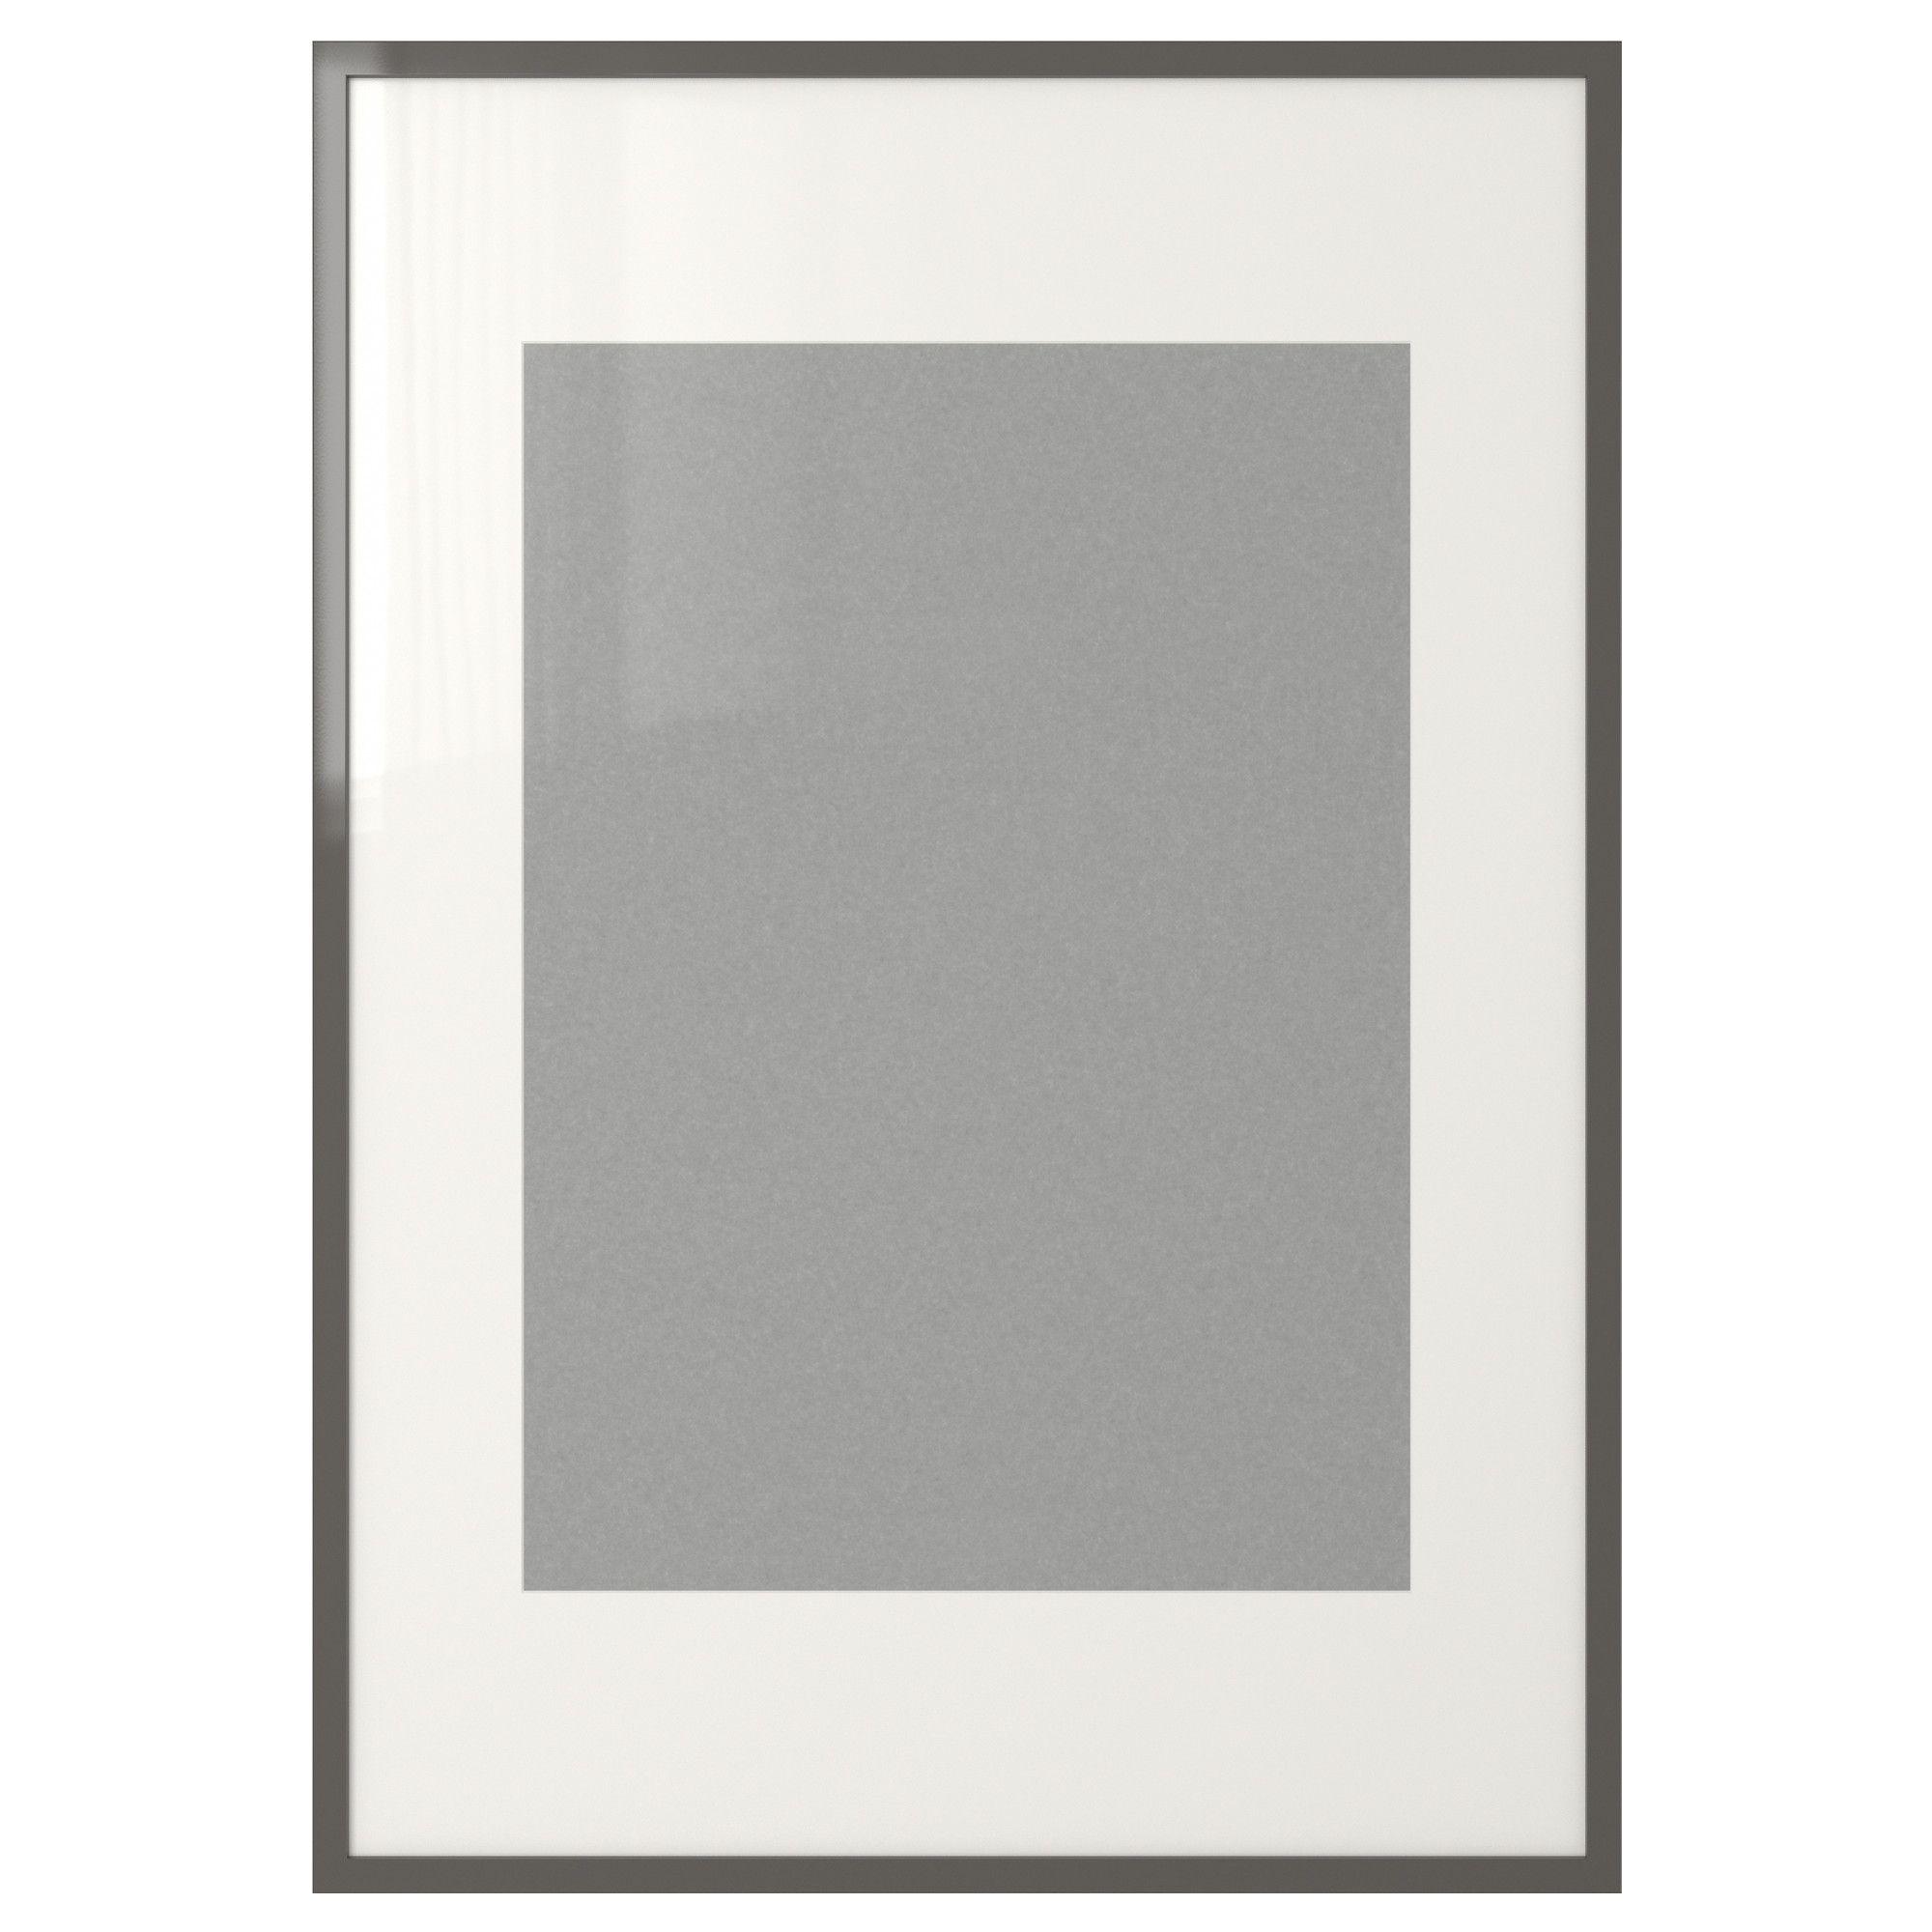 a2 poster frame ikea frame design amp reviews